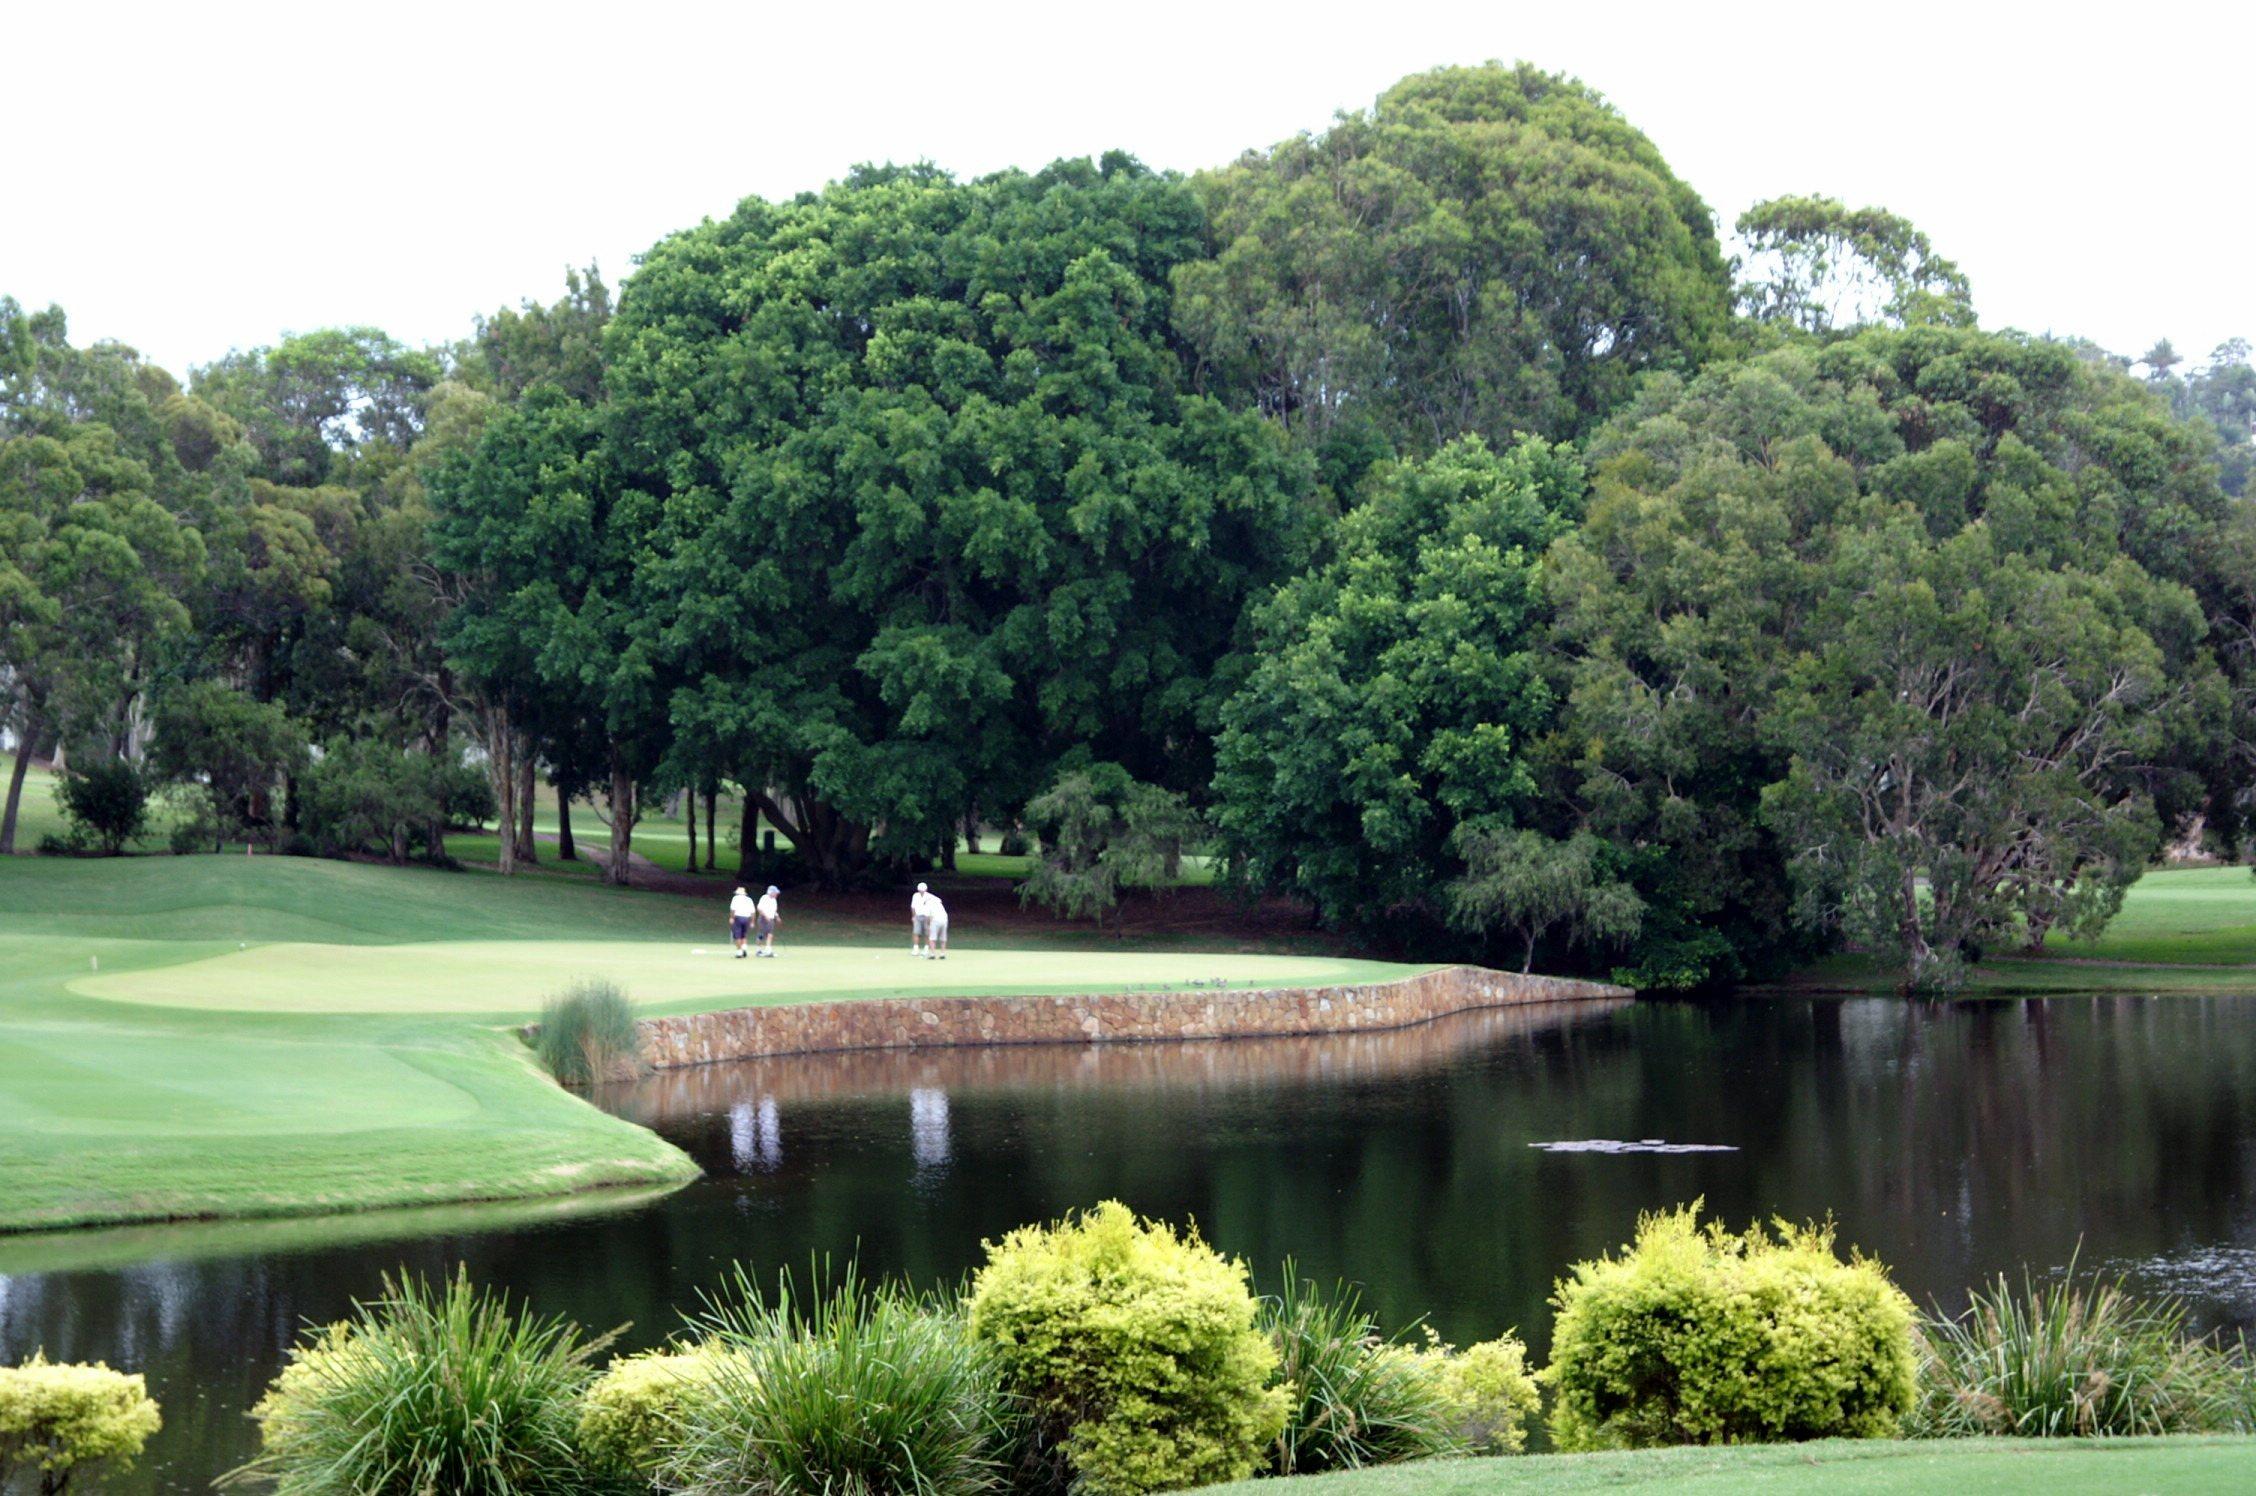 Hole 11, par 3, at Hyatt Regency Coolum golf course